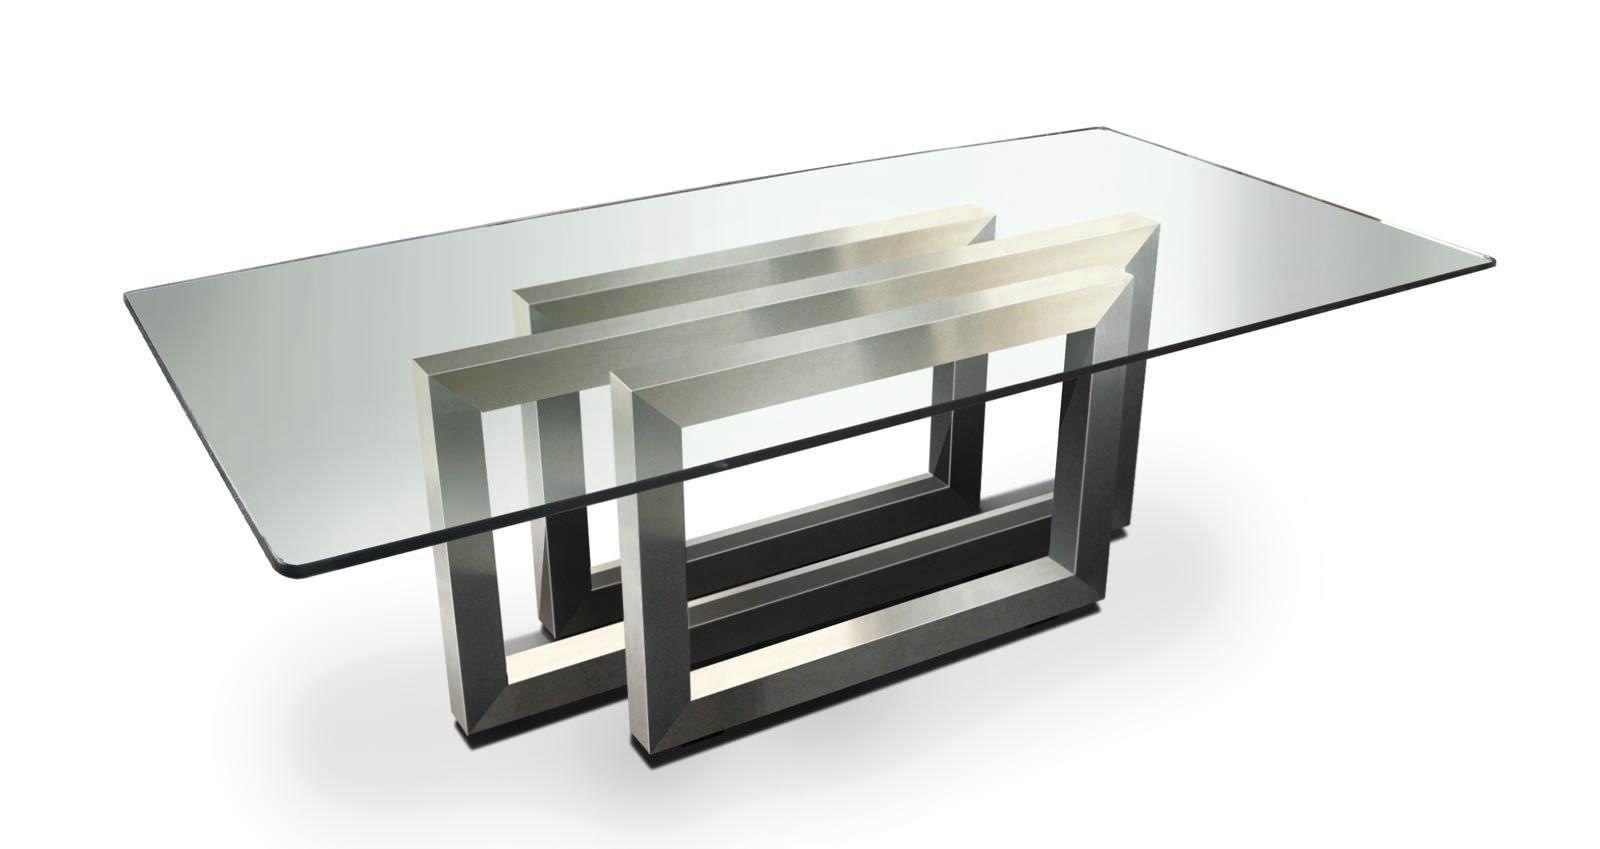 Mesas pata metal buscar con google dise o pinterest for Diseno de mesa de madera con vidrio